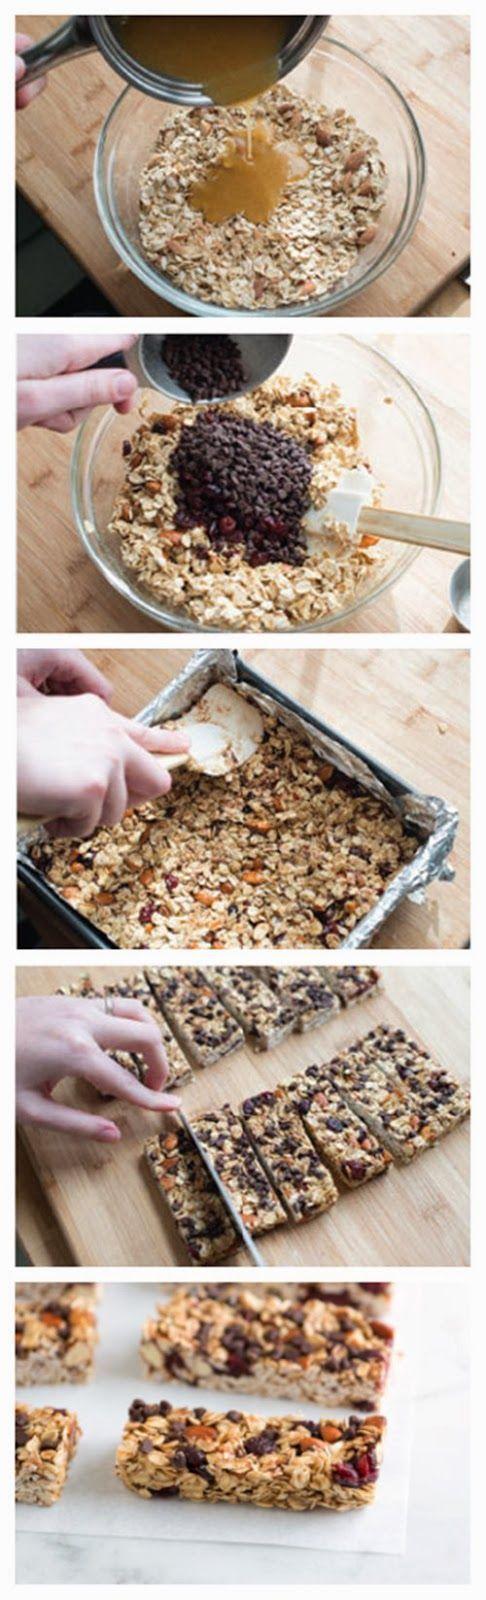 Homemade Energy Snack Bar Recipe